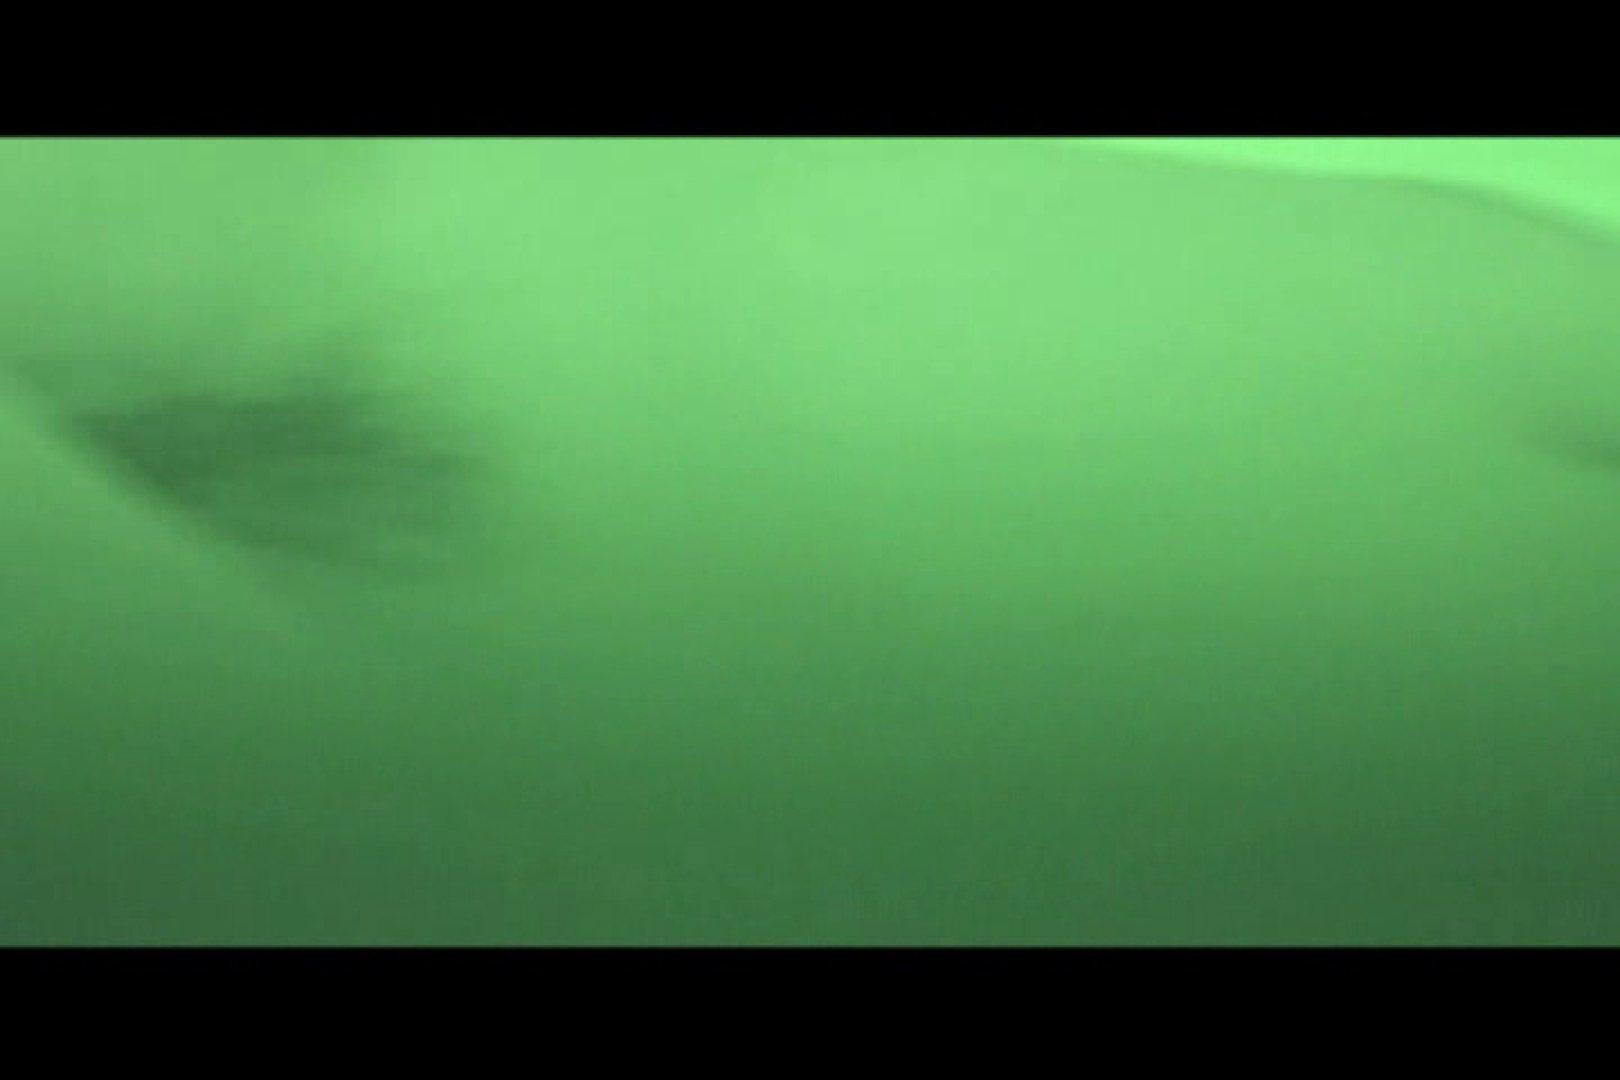 独占配信!無修正! 看護女子寮 vol.12 女子寮 オマンコ無修正動画無料 86連発 11